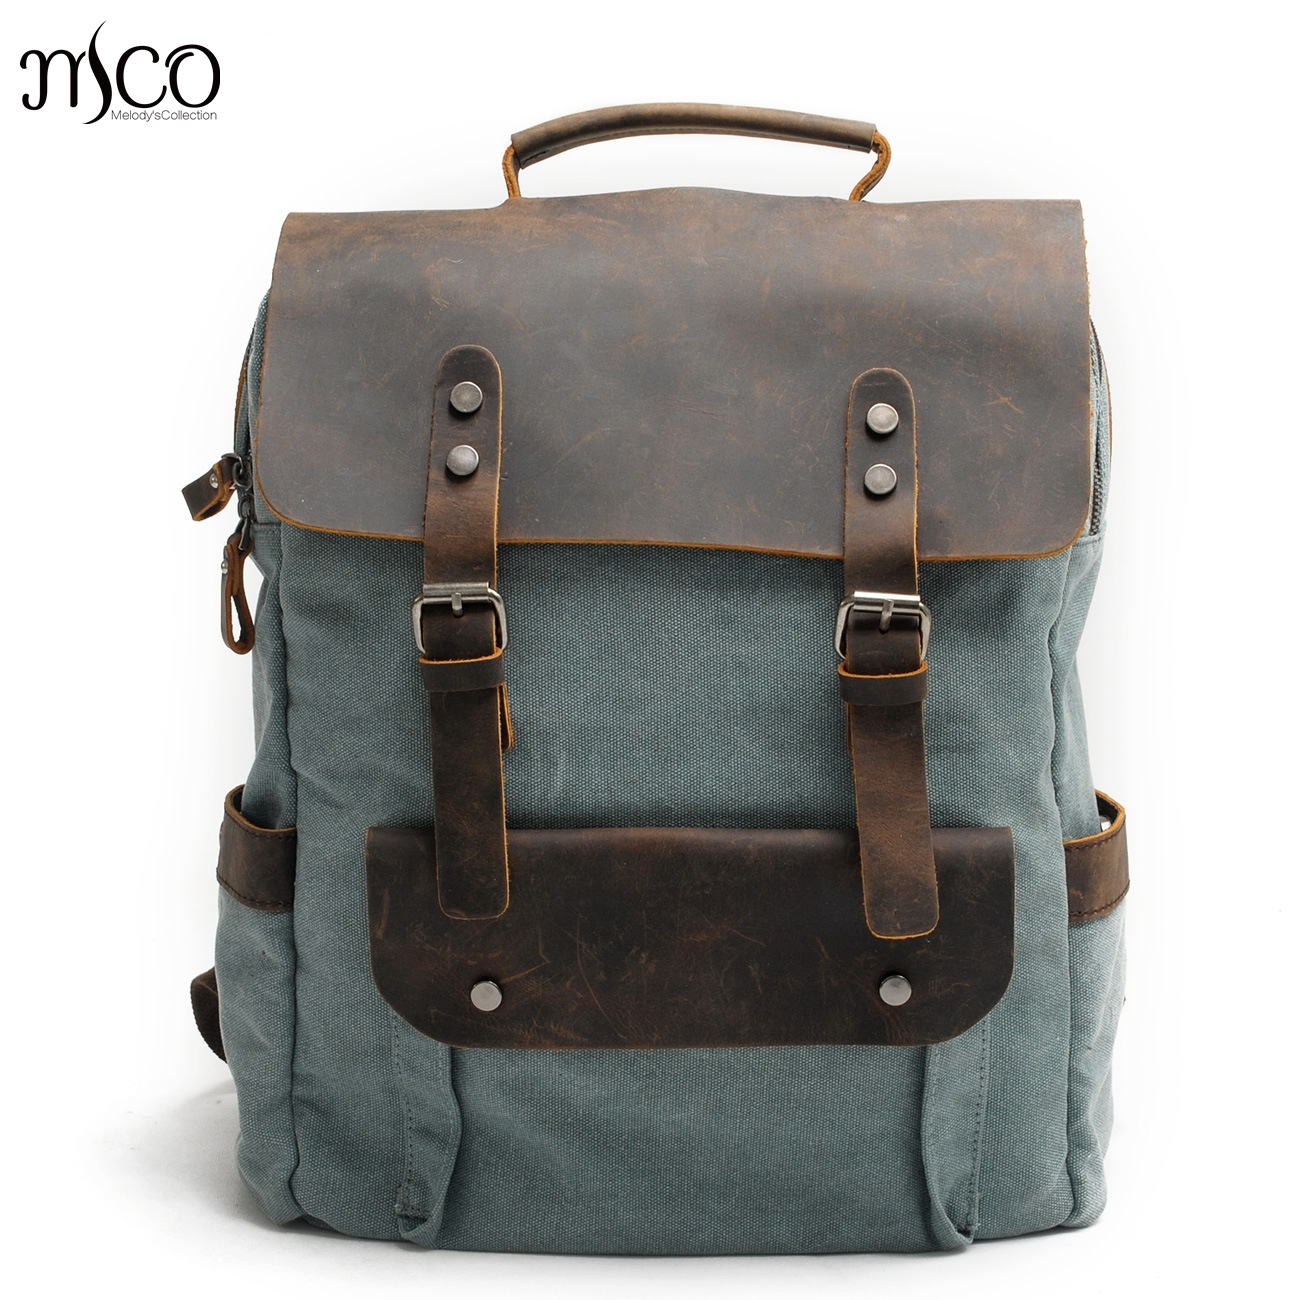 MCO hommes femmes Vintage toile rétro sac à dos sac à dos ordinateur portable militaire en cuir huilé sac de voyage à bandoulière personnalisé cartable